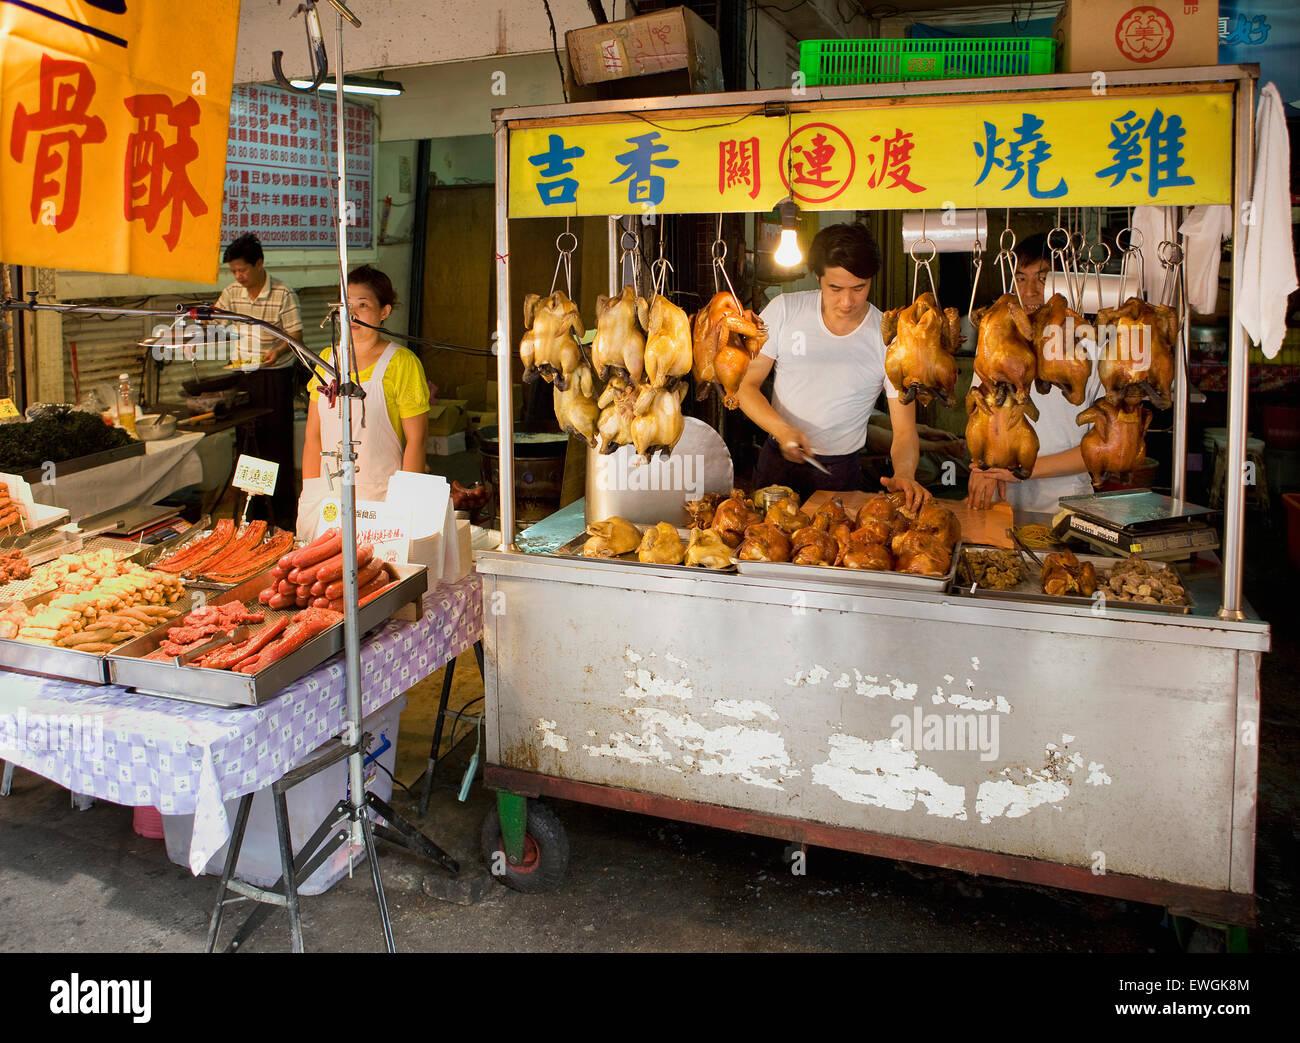 Street food vendors in Taipei Taiwan Asia - Stock Image